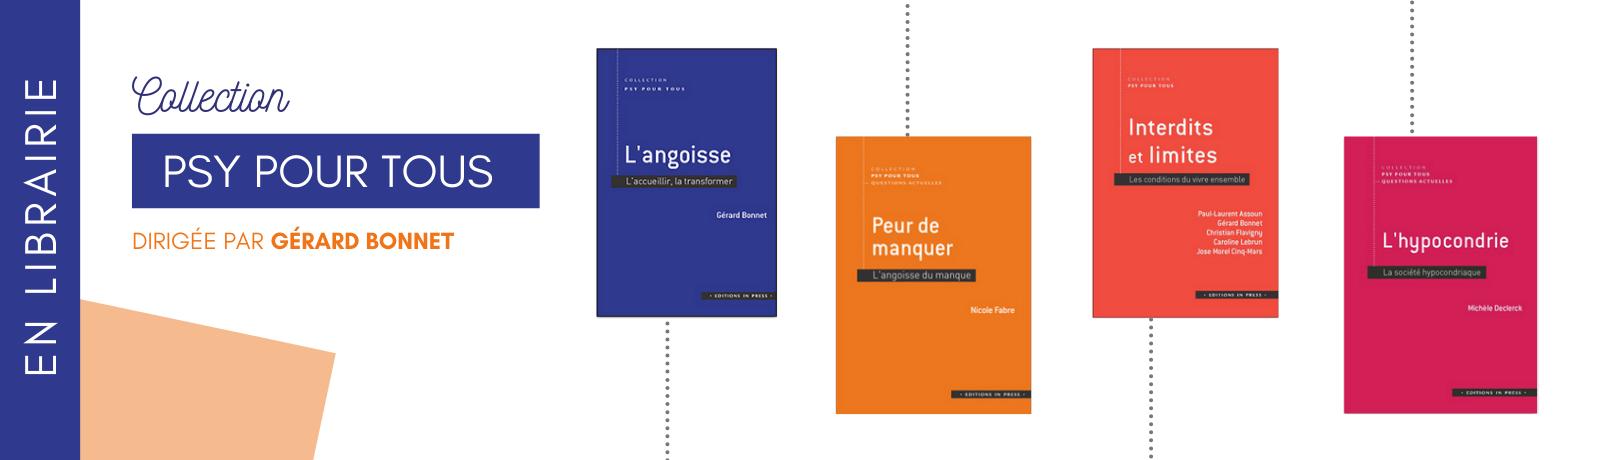 Bannière Site In Press(2)